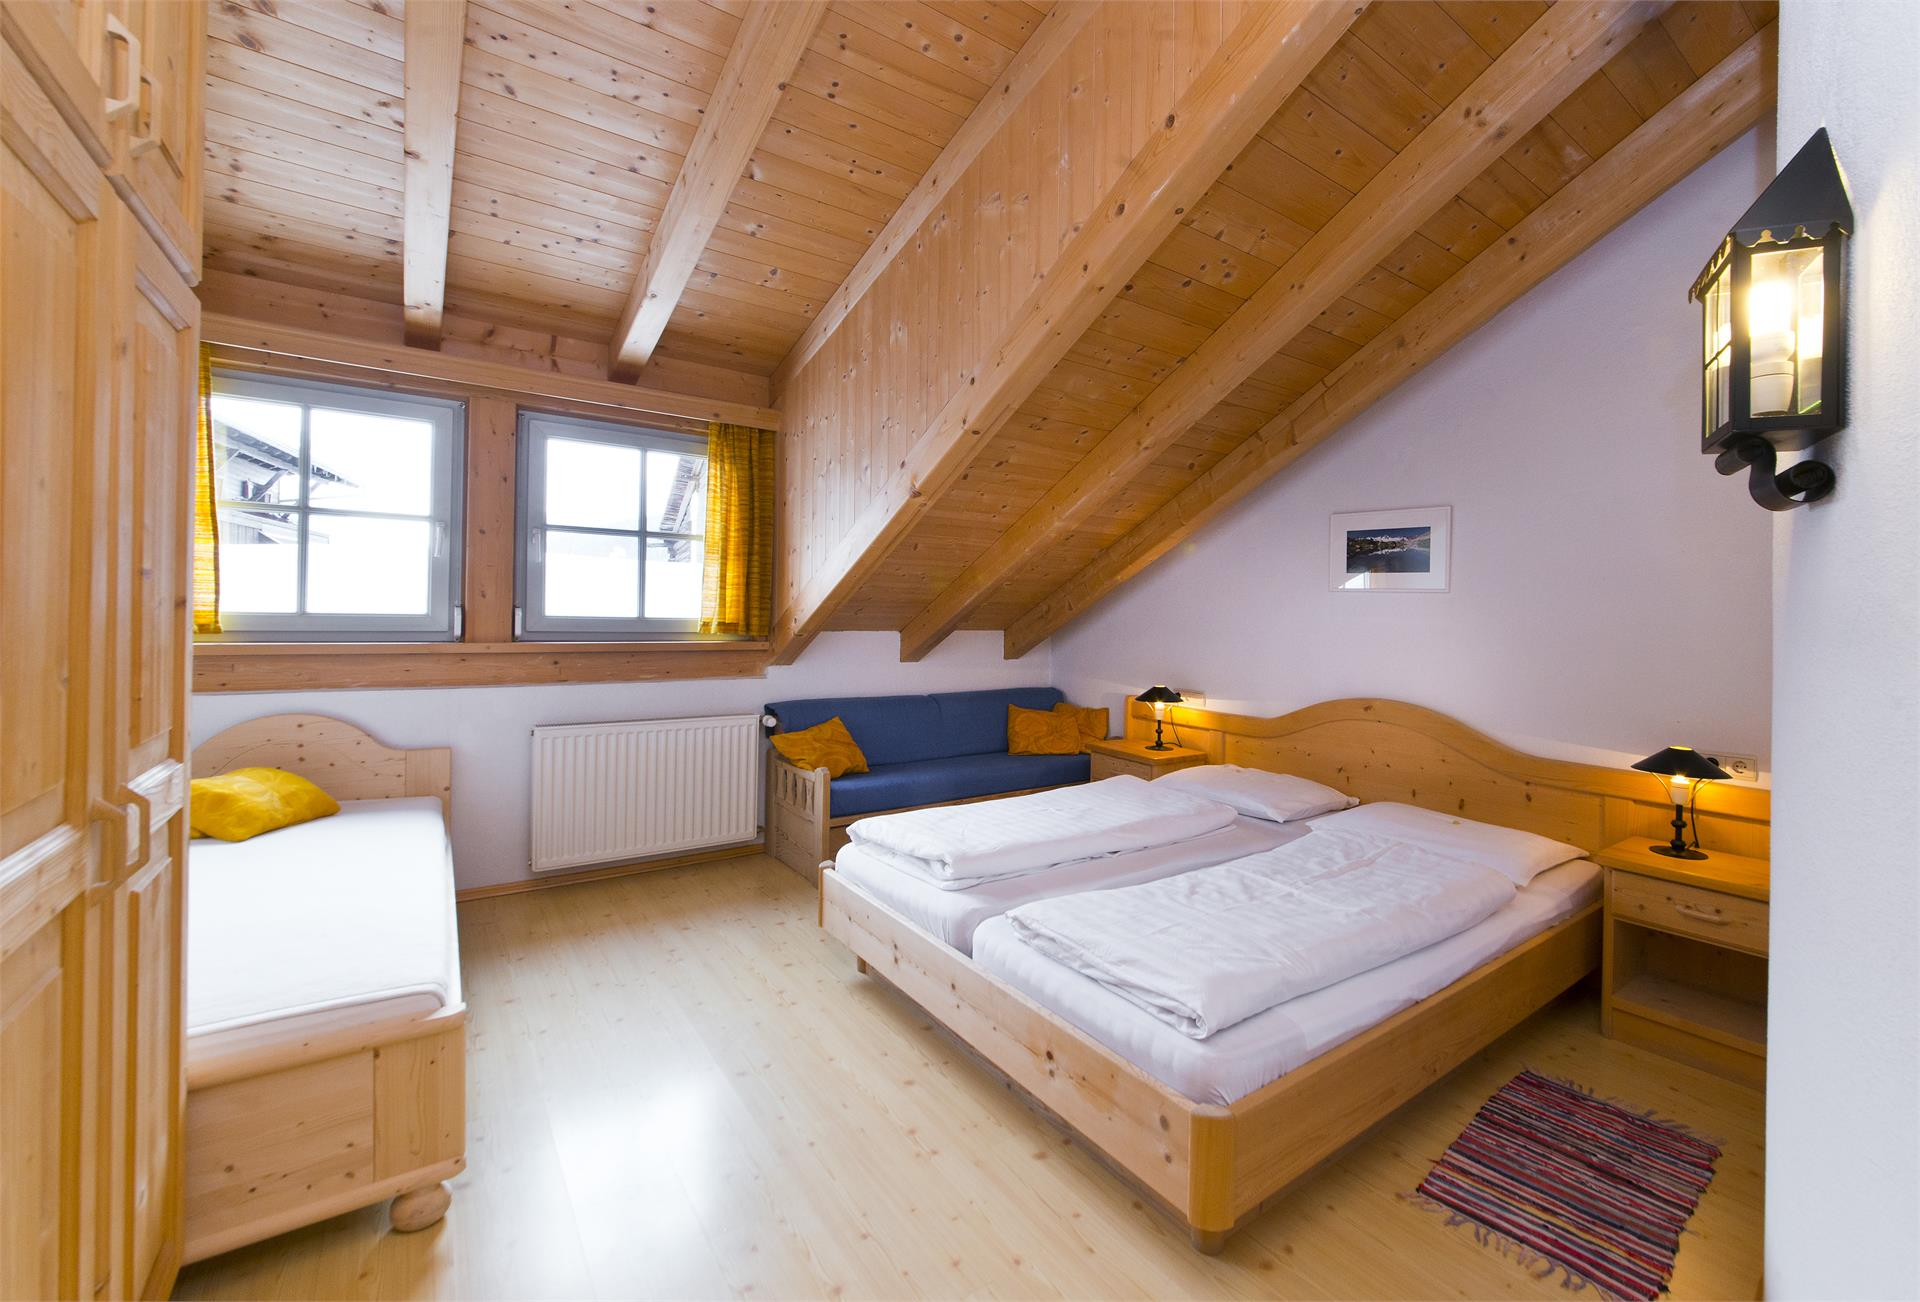 appartamento genziana - camera da letto